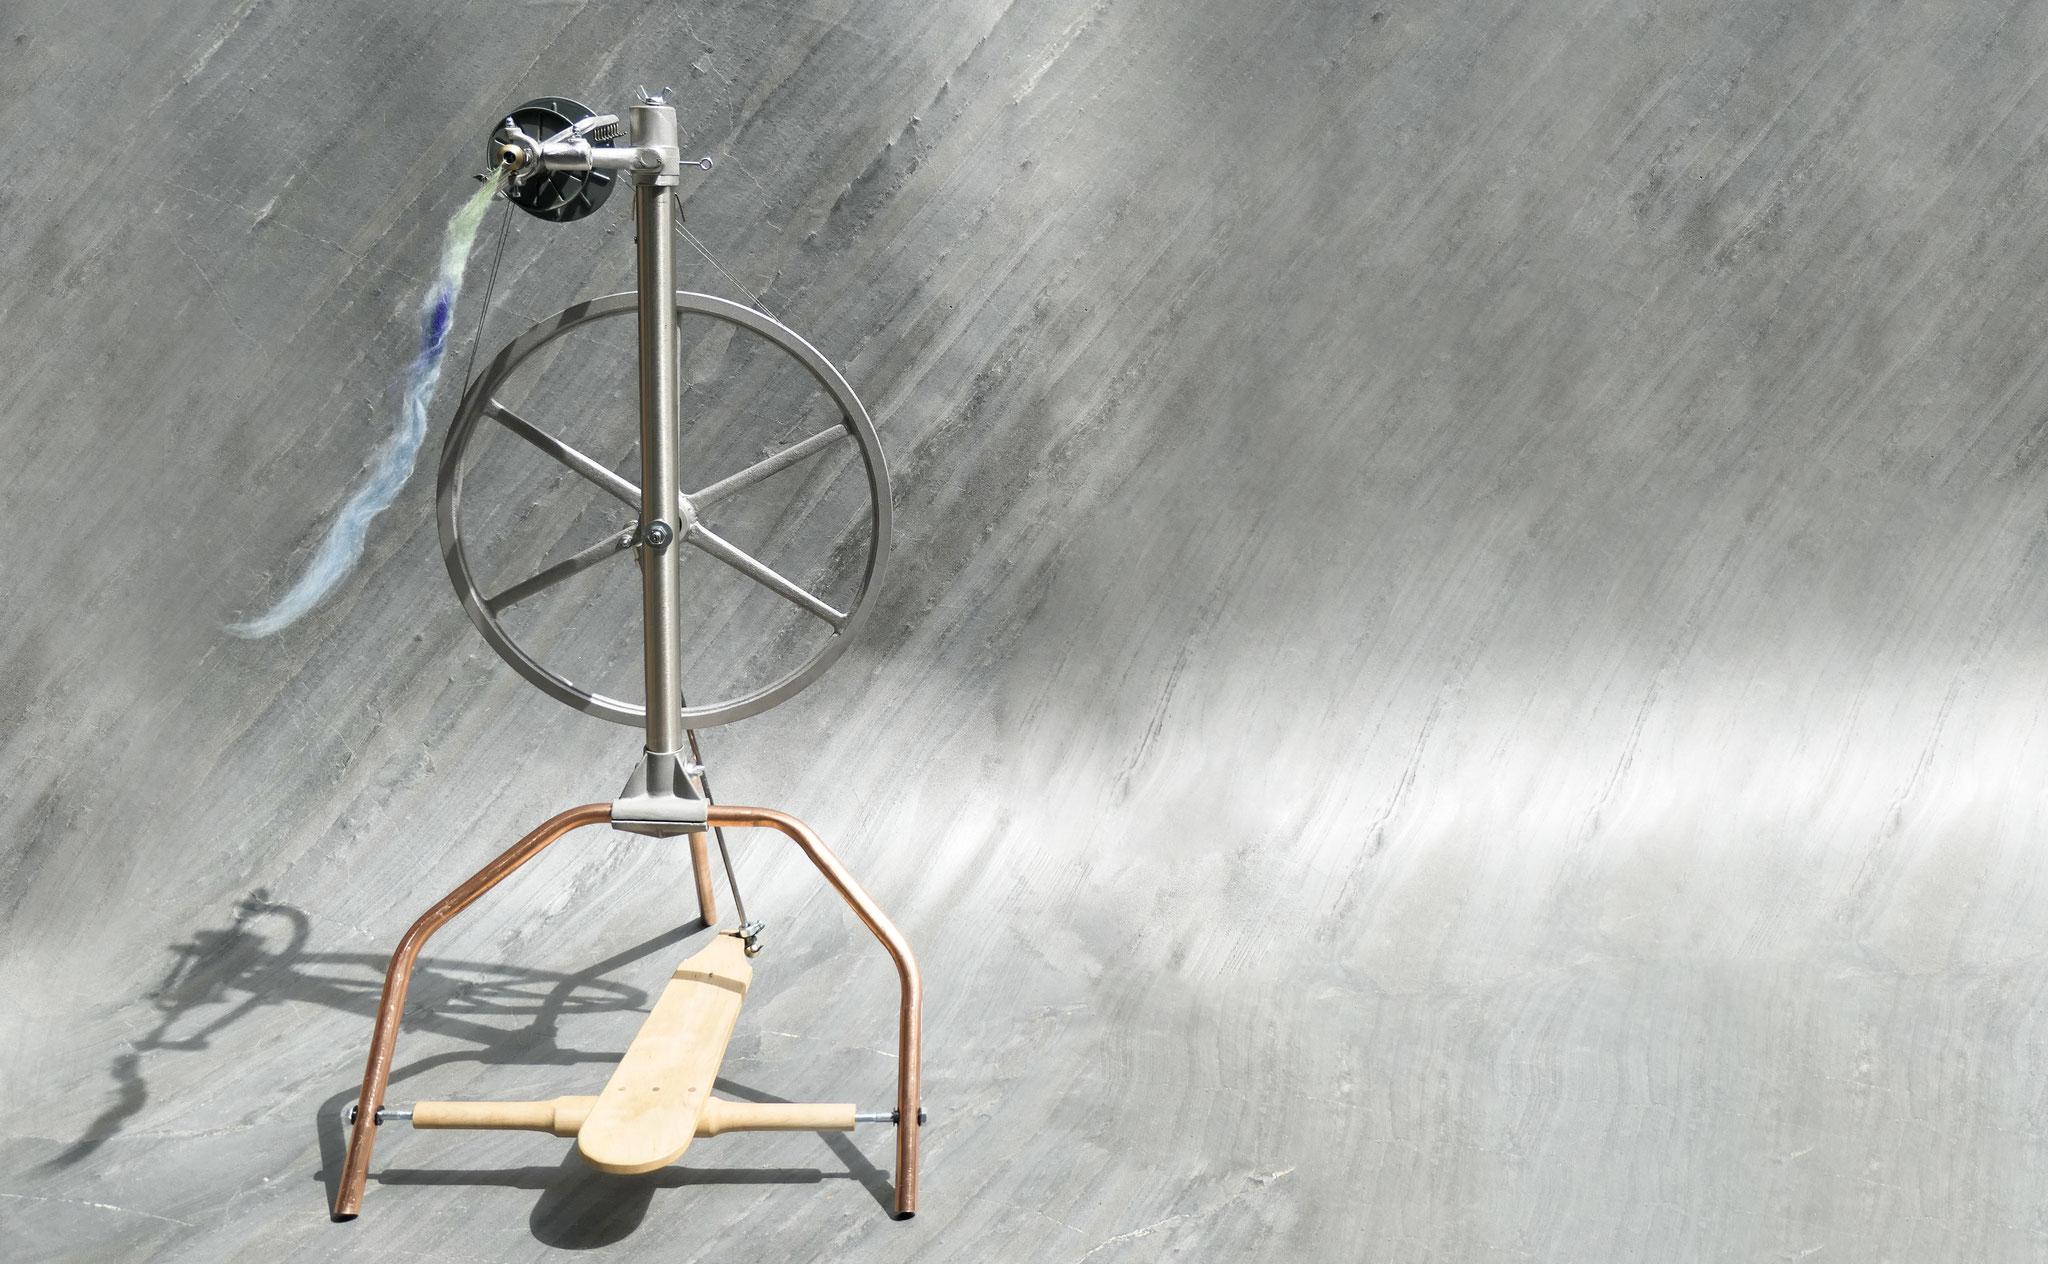 Spinnrad von Stahl&Wolle, Prototyp Juli 2019 - mit erhöhten Füßen aufgrund eines persönlichen Kundenwunsches